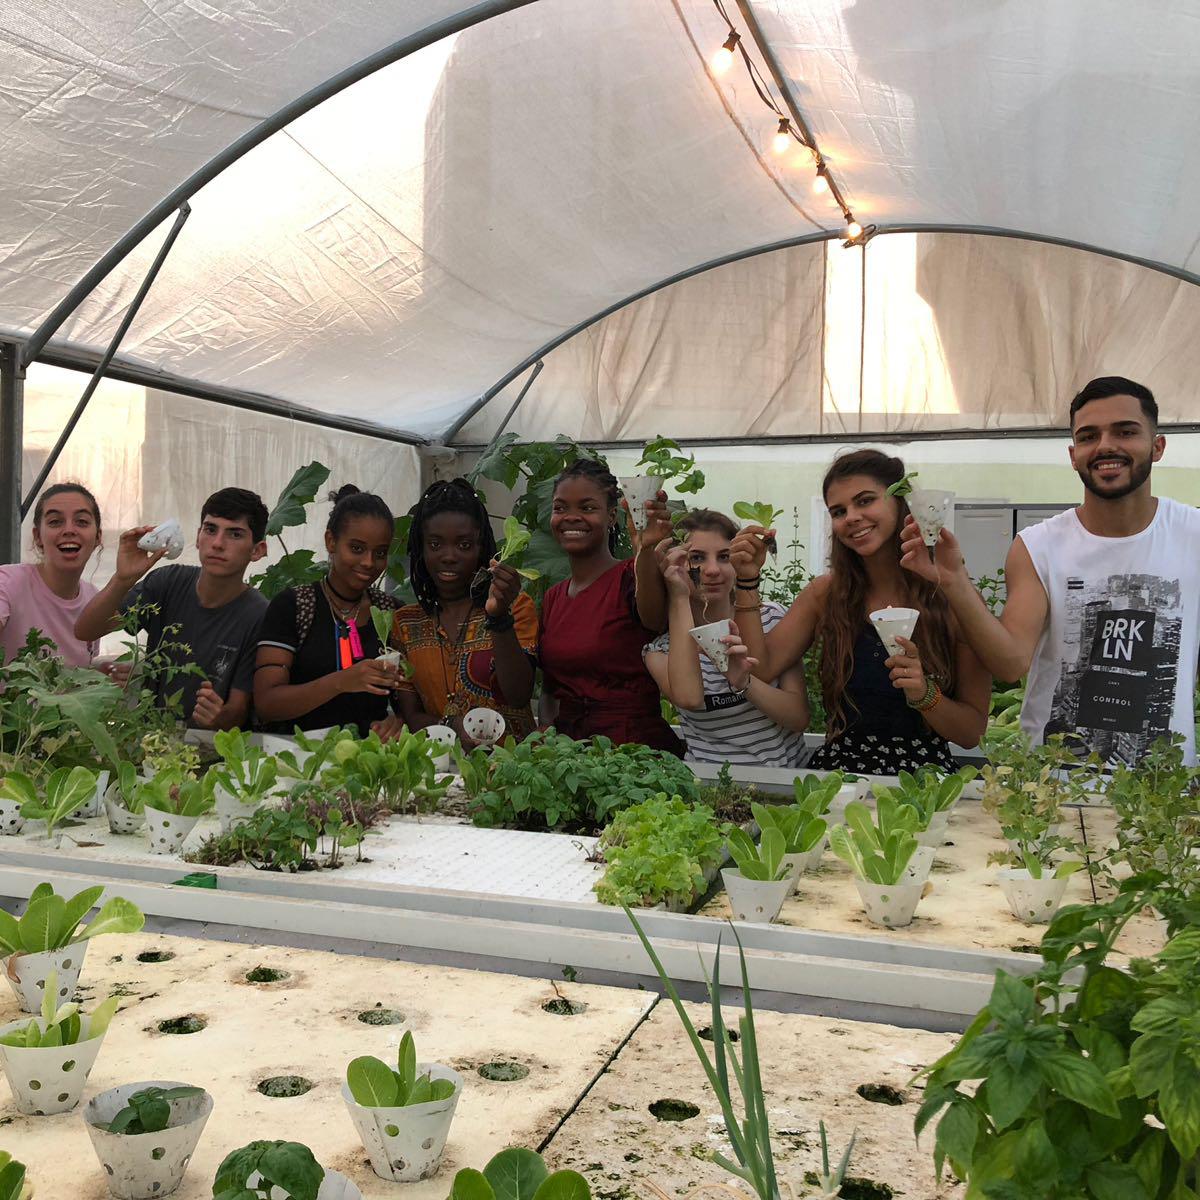 לכבוד יום הנוער העולמי: על פרוייקט WYRED של אוניברסיטת הקיץ לנוער